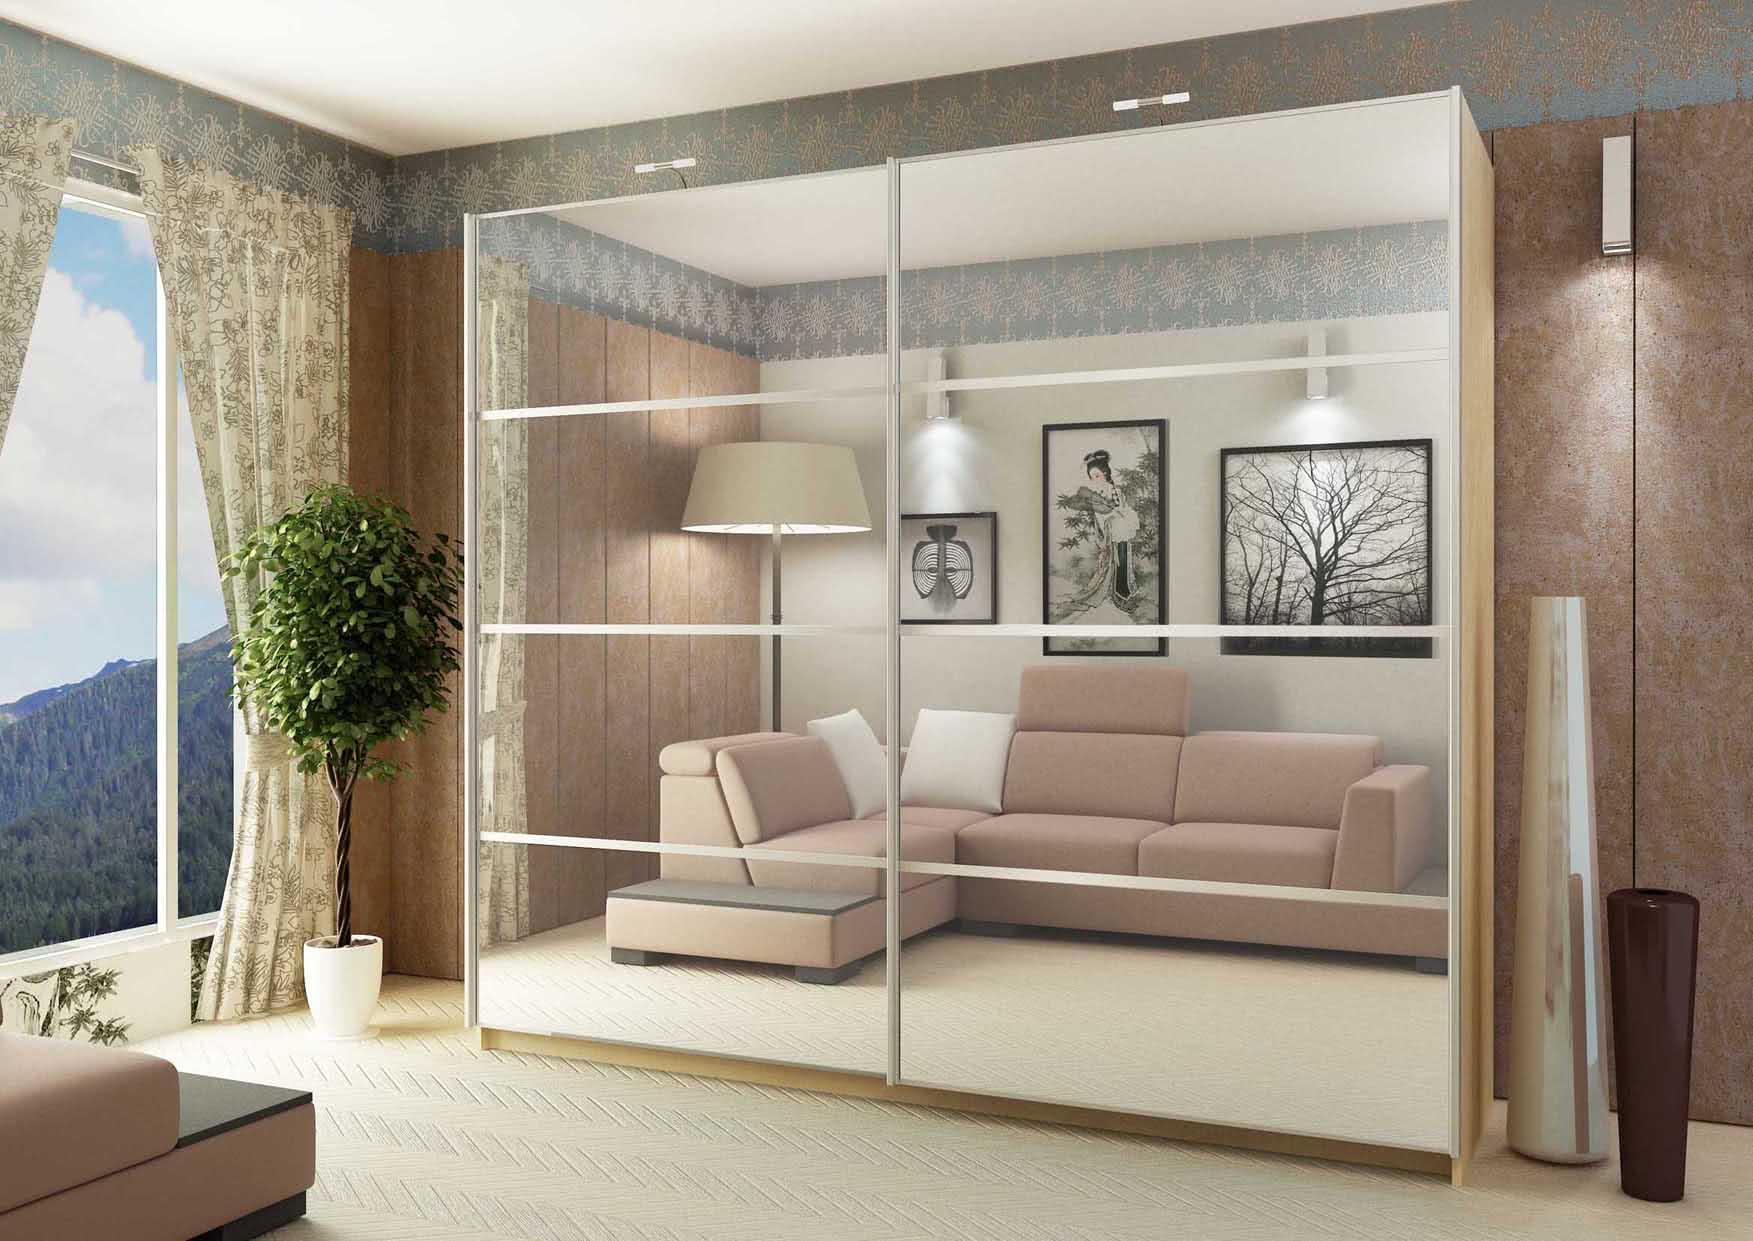 купить угловой диван в самаре недорого на авито